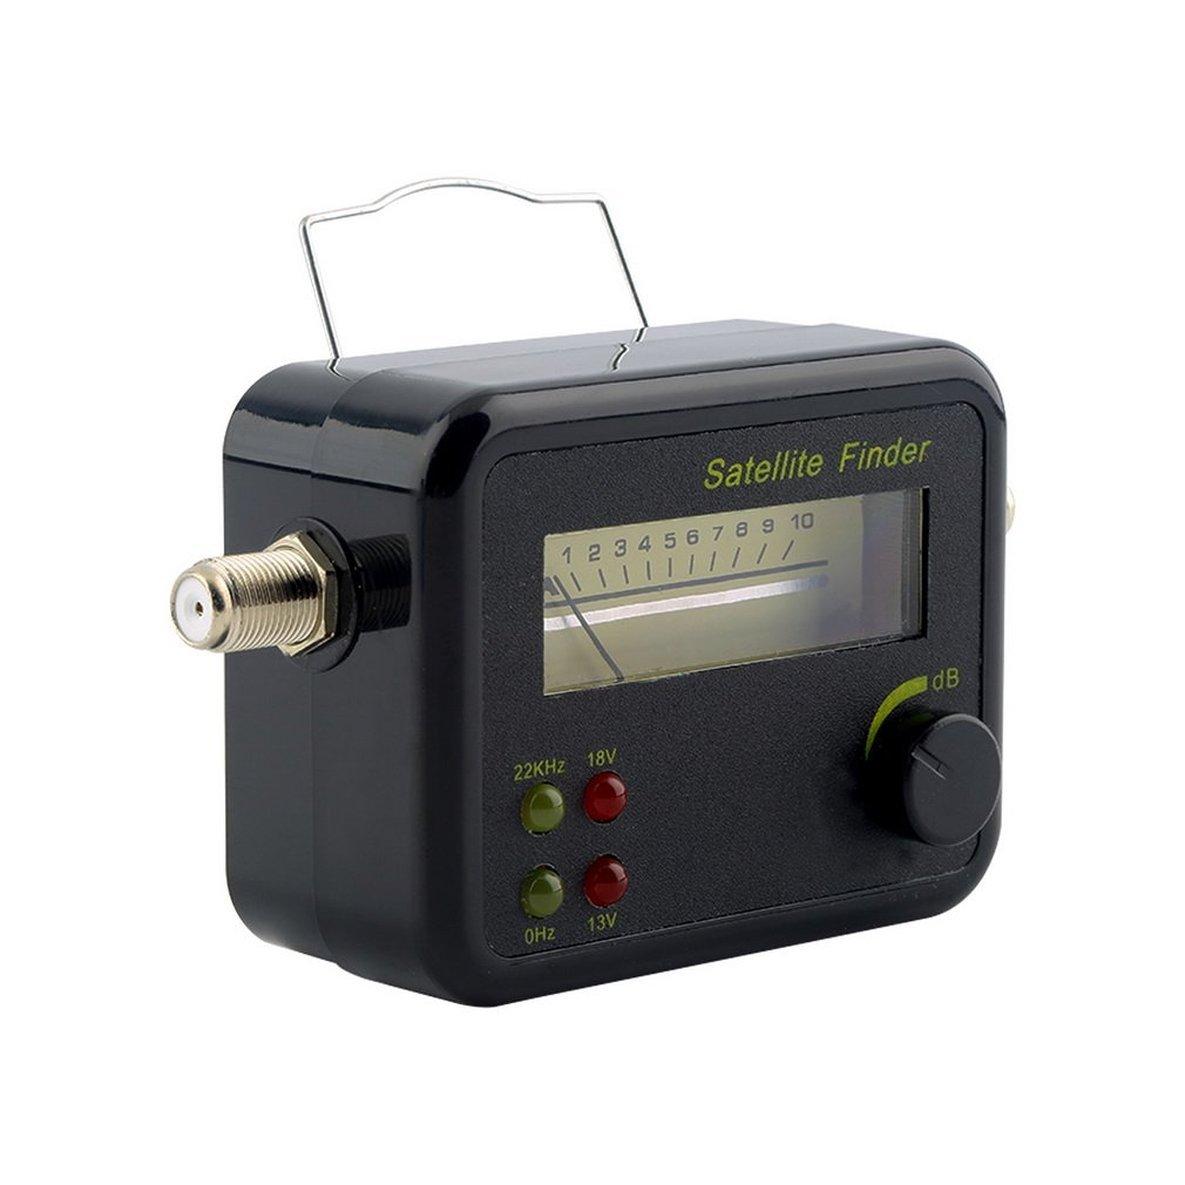 Mini Appareil de contrôle Noir de mètre de détecteur de Signal de Satellite de Signal d'affichage à Cristaux liquides d'affichage à Cristaux liquides de Noir avec l'excellente sensibilité Moliies